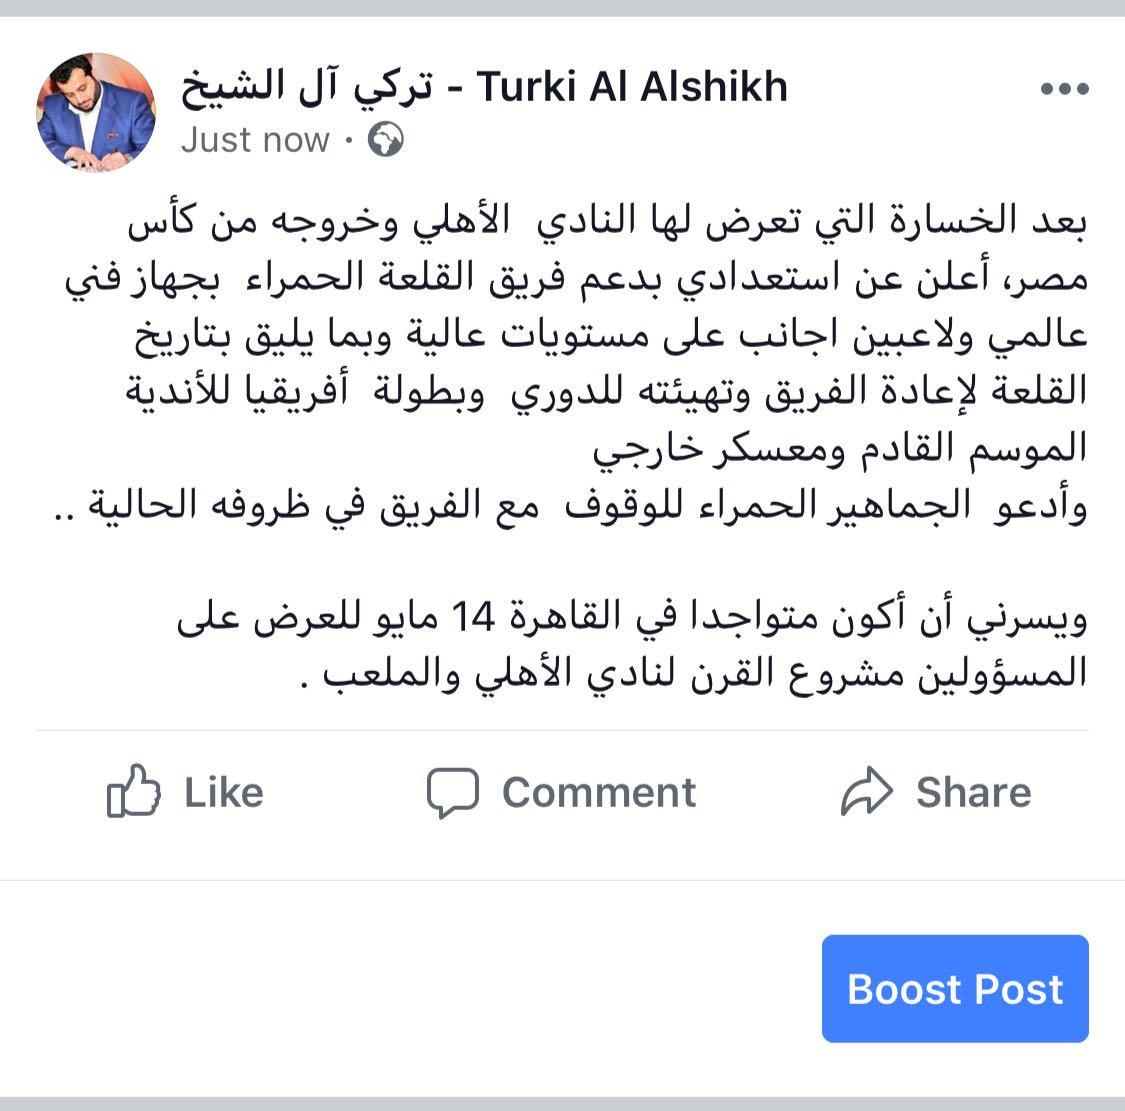 تركي آل الشيخ على تويتر مستعد لدعم فريق الأهلي بجهاز فني عالمي